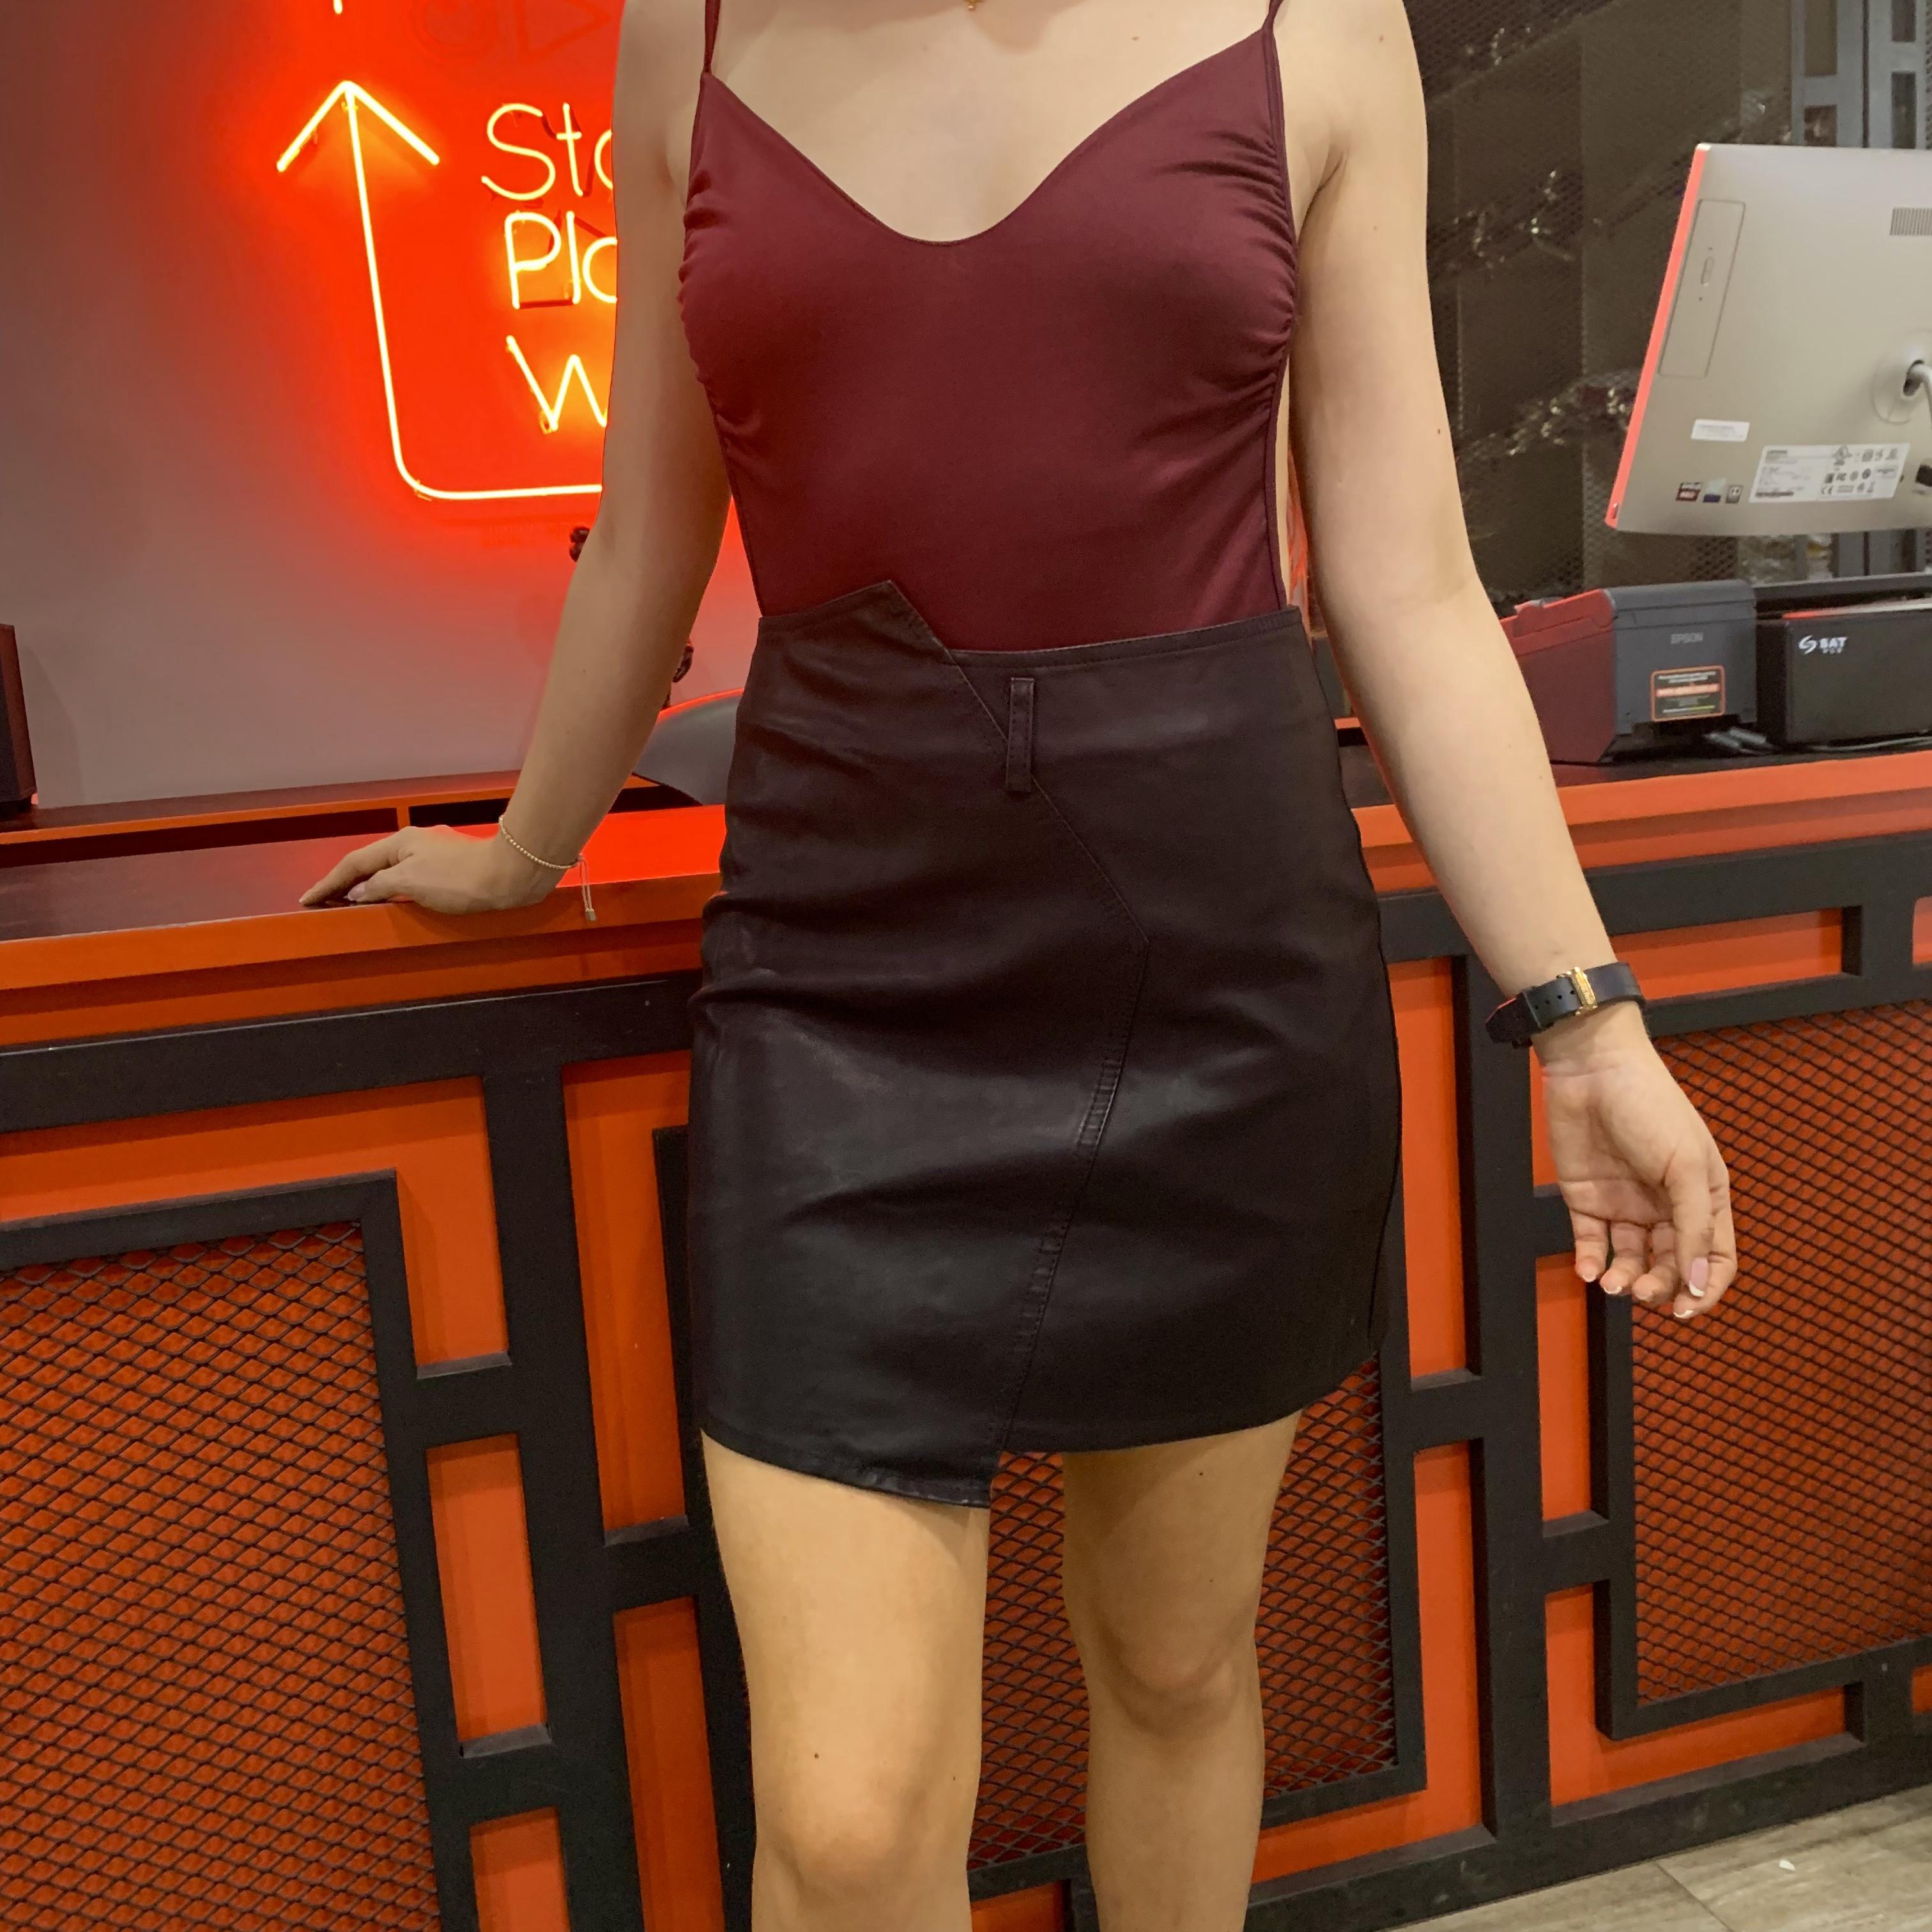 51c21cdc6 Faldas Cortas En Cuerina | Wig Elegance